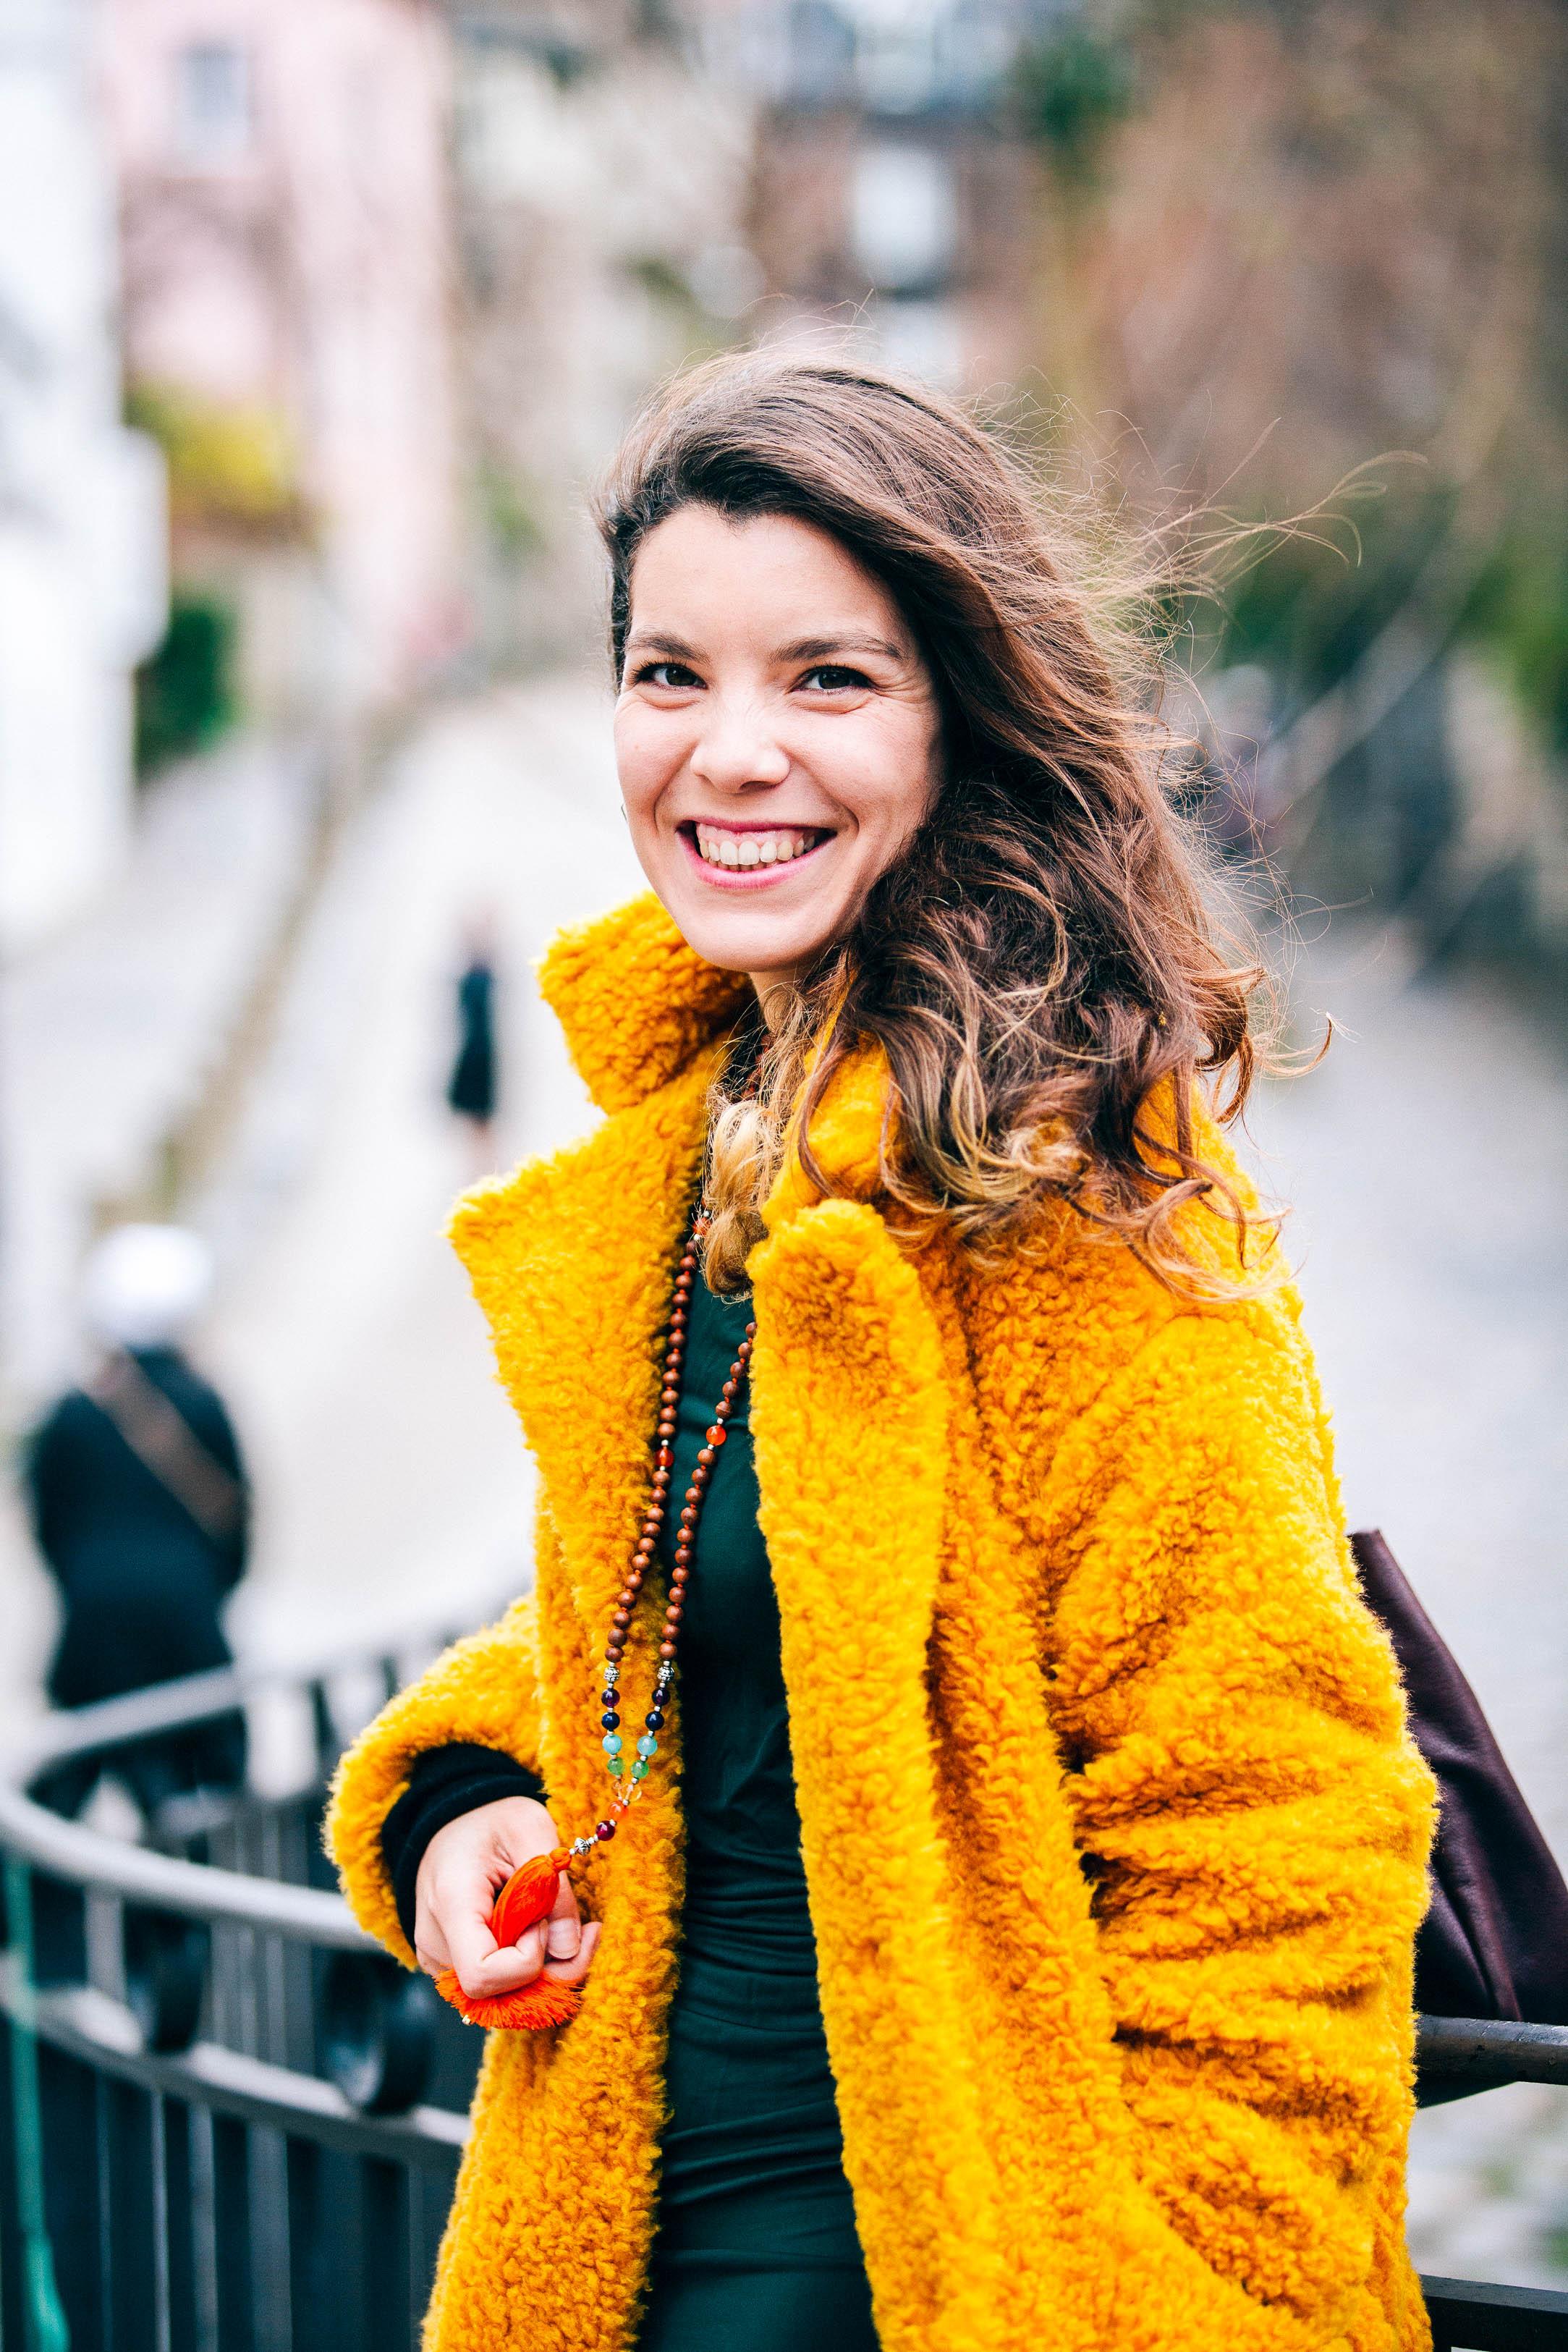 """Une belle démarche - """"Je ne suis pas toujours satisfaite de mon image... mais je me suis trouvée plutôt jolie en photo. C'est vraiment important d'accepter son image pour se sentir bien dans sa peau et prendre confiance en soi. J'aime beaucoup la démarche de ce shooting !""""Marion, Paris - Vintage ⭐⭐⭐⭐⭐"""